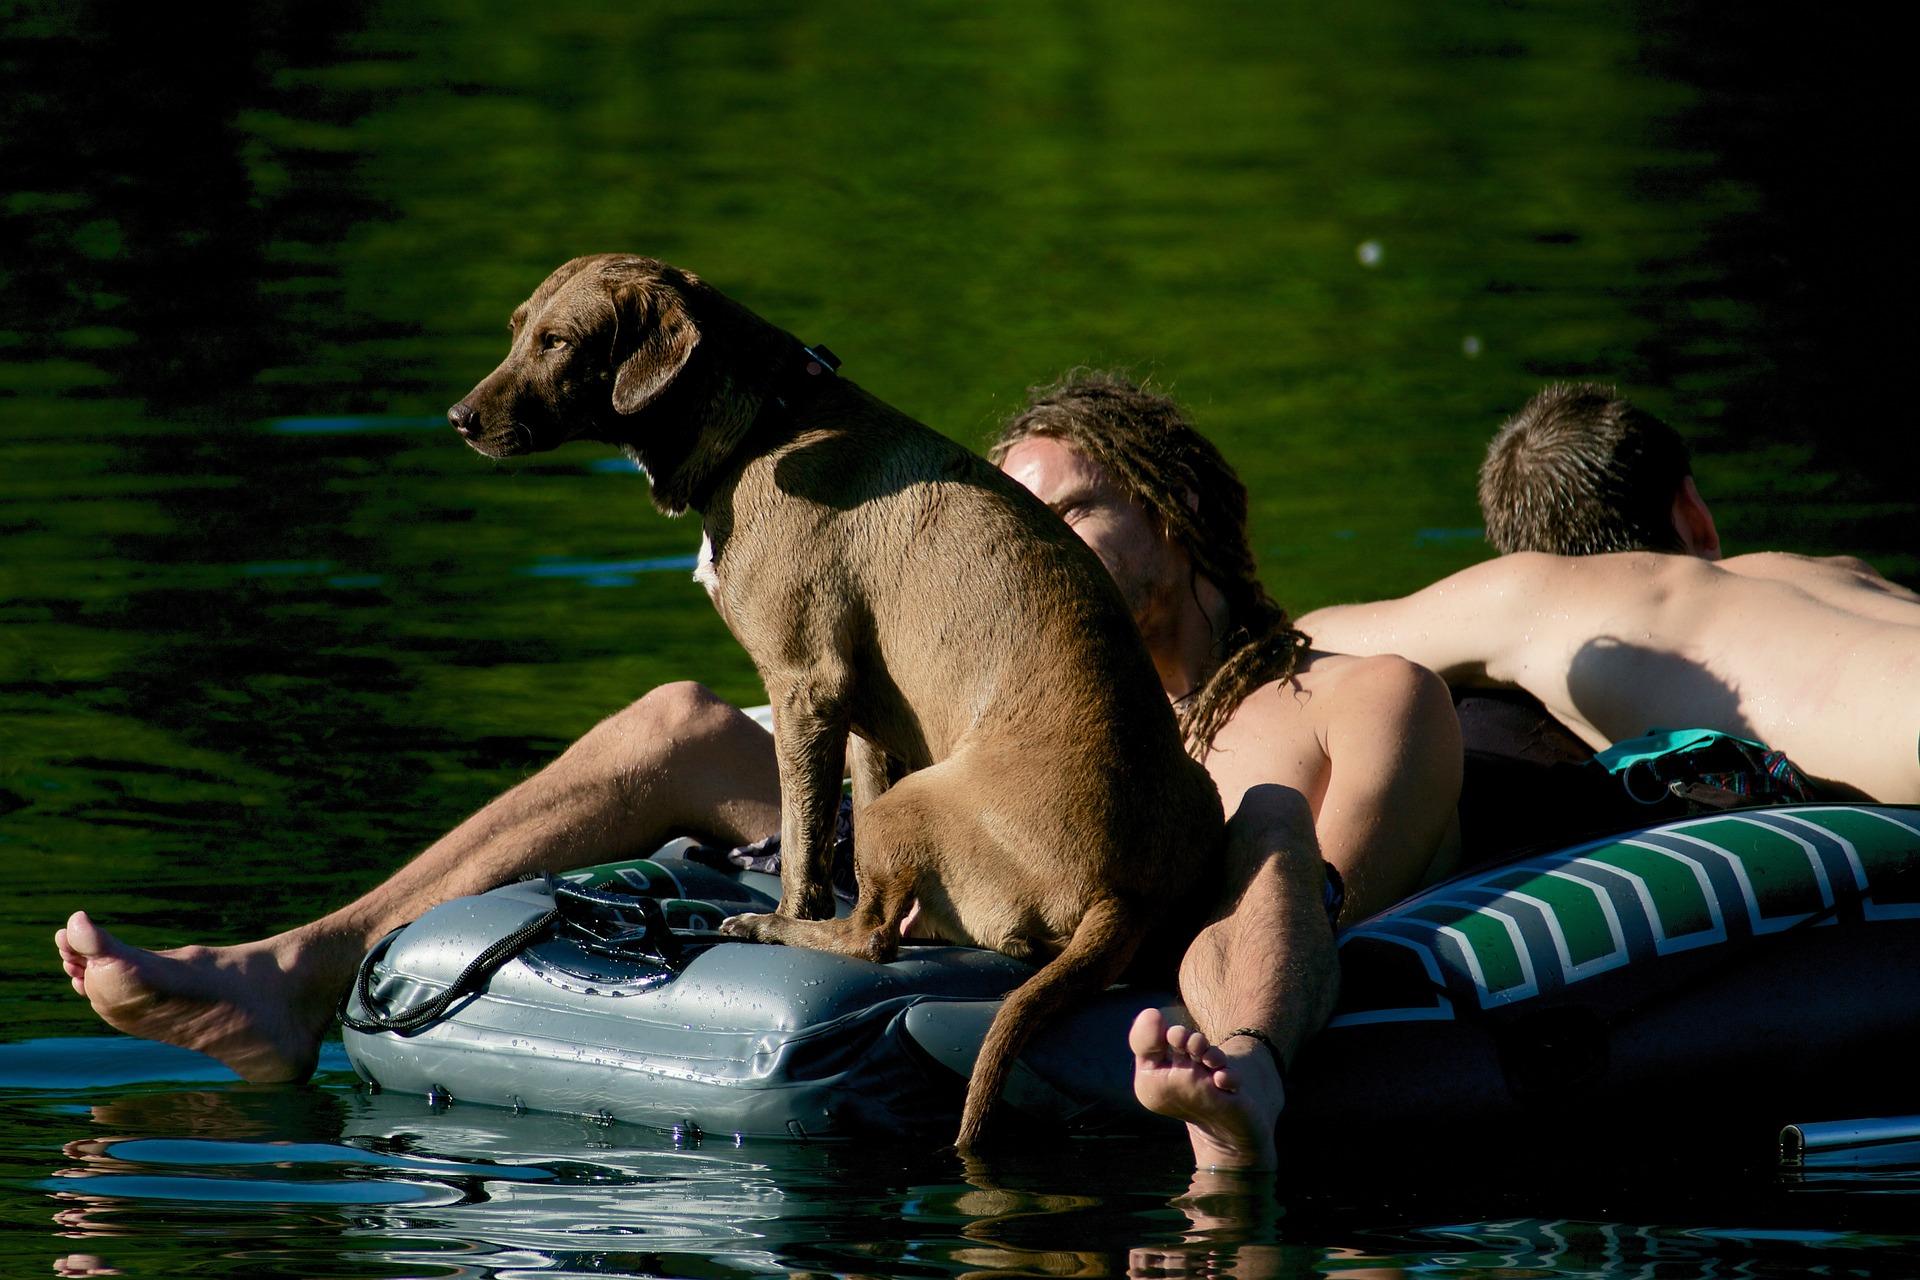 Matériaux idéaux pour le kayak de son chien et soi